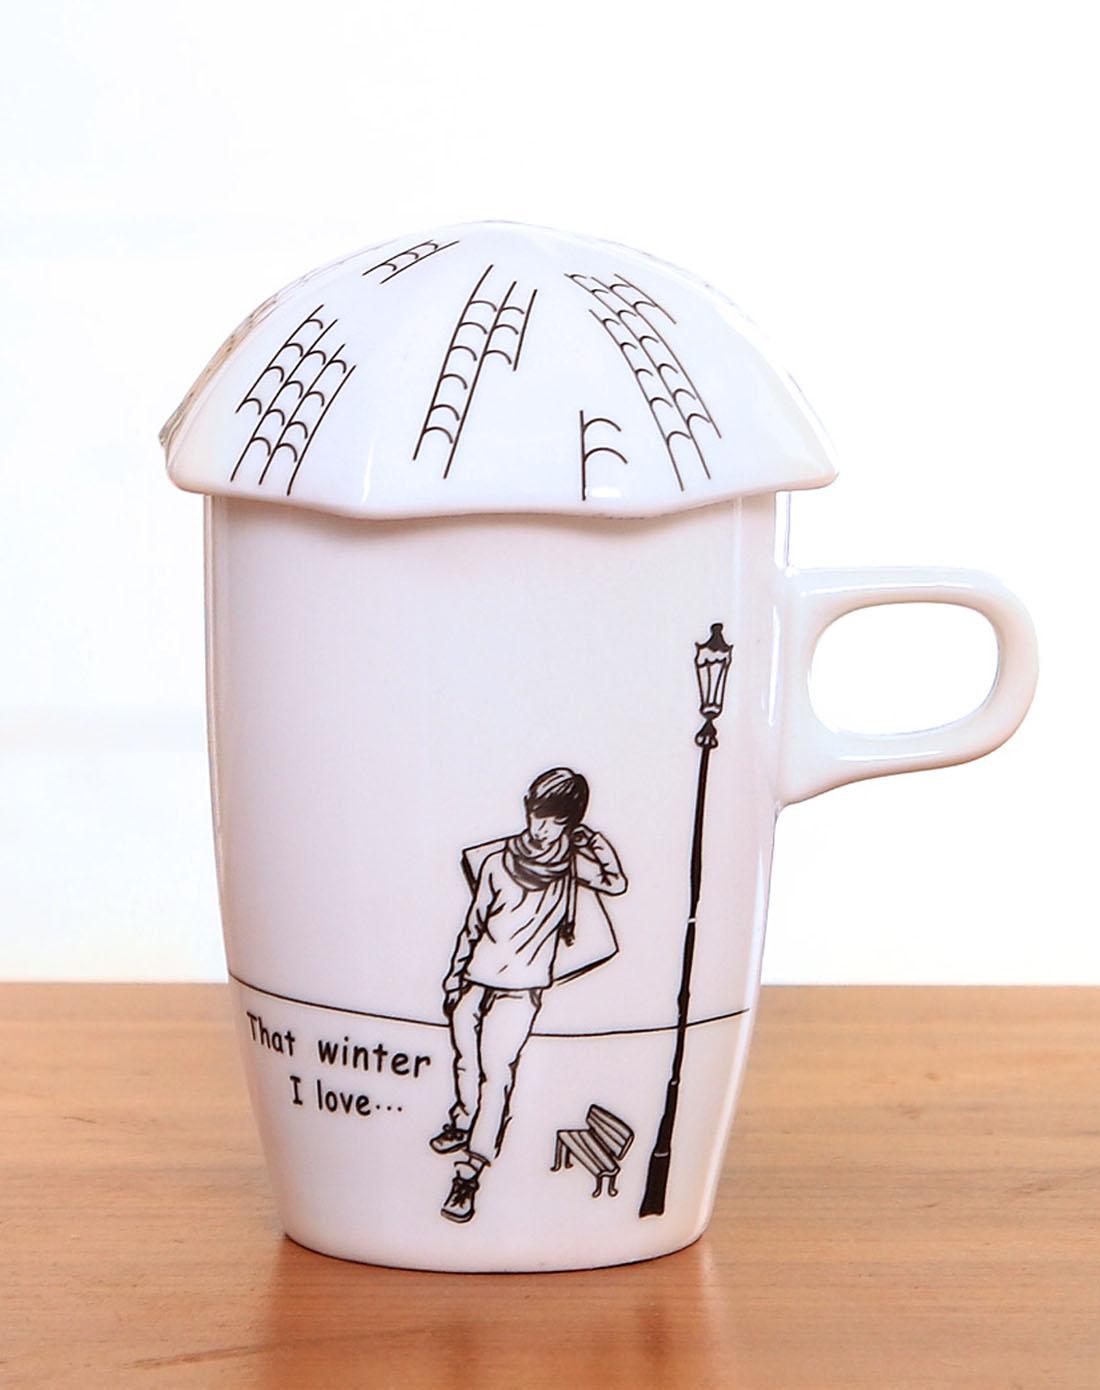 手绘漫画风陶瓷马克杯-路灯男孩